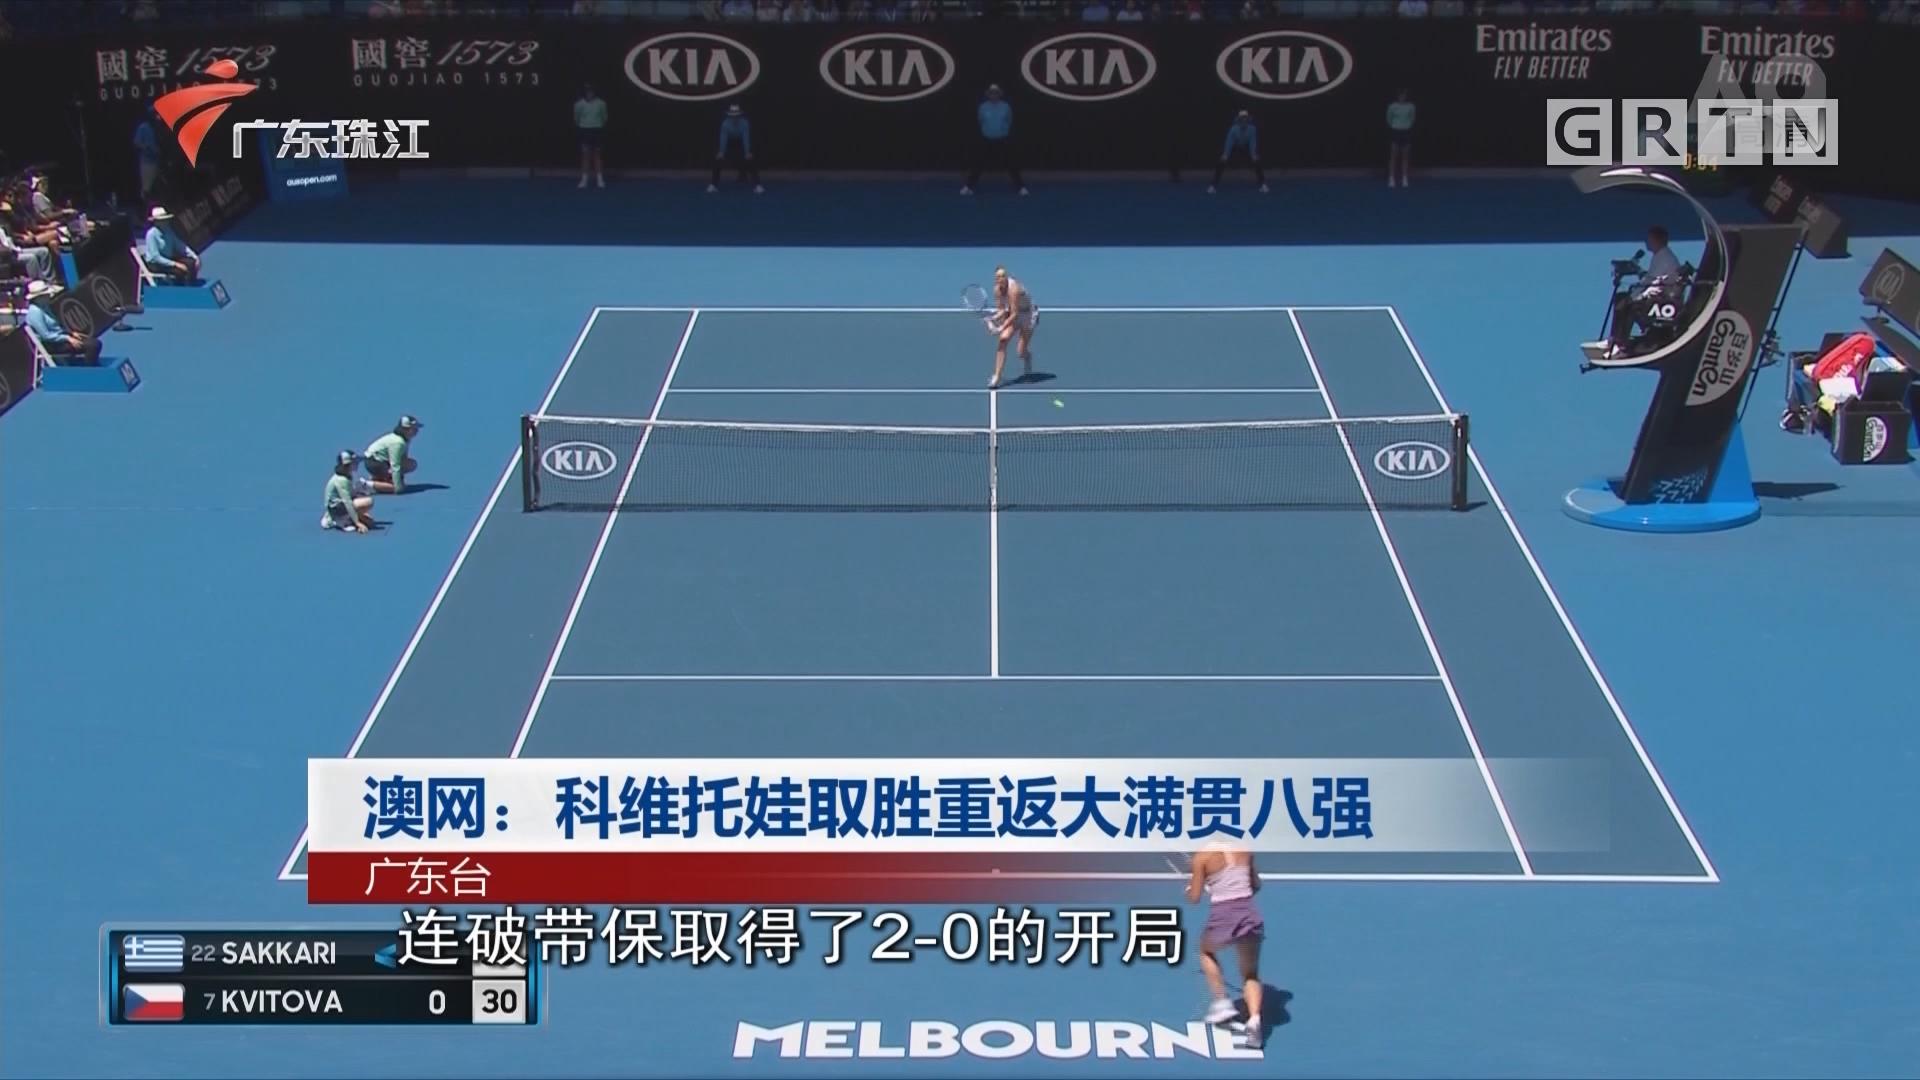 澳网:科维托娃取胜重返大满贯八强